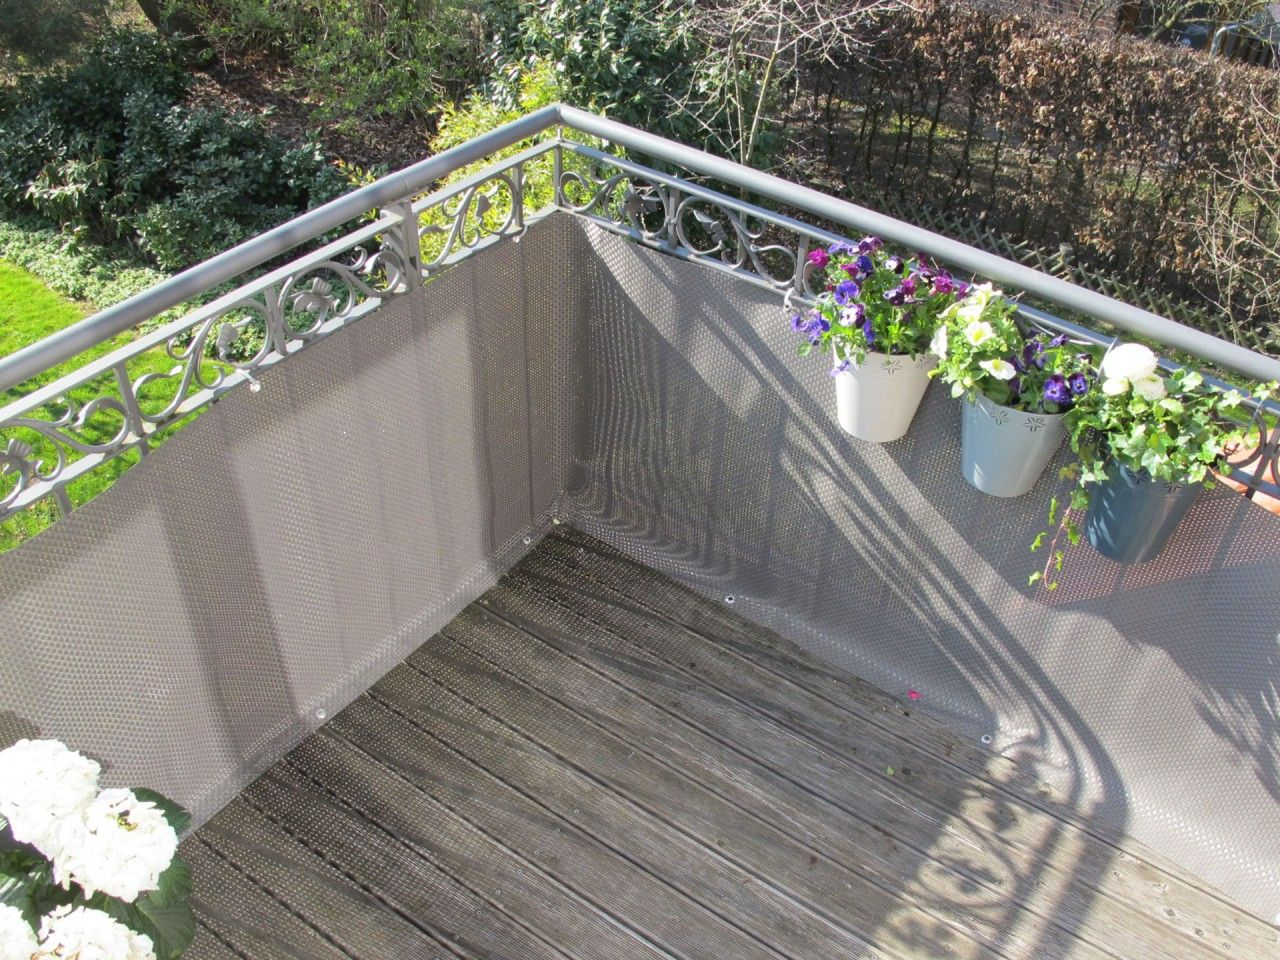 Balkonverkleidung Grau Balkonverkleidung Balkon Balkonbespannung